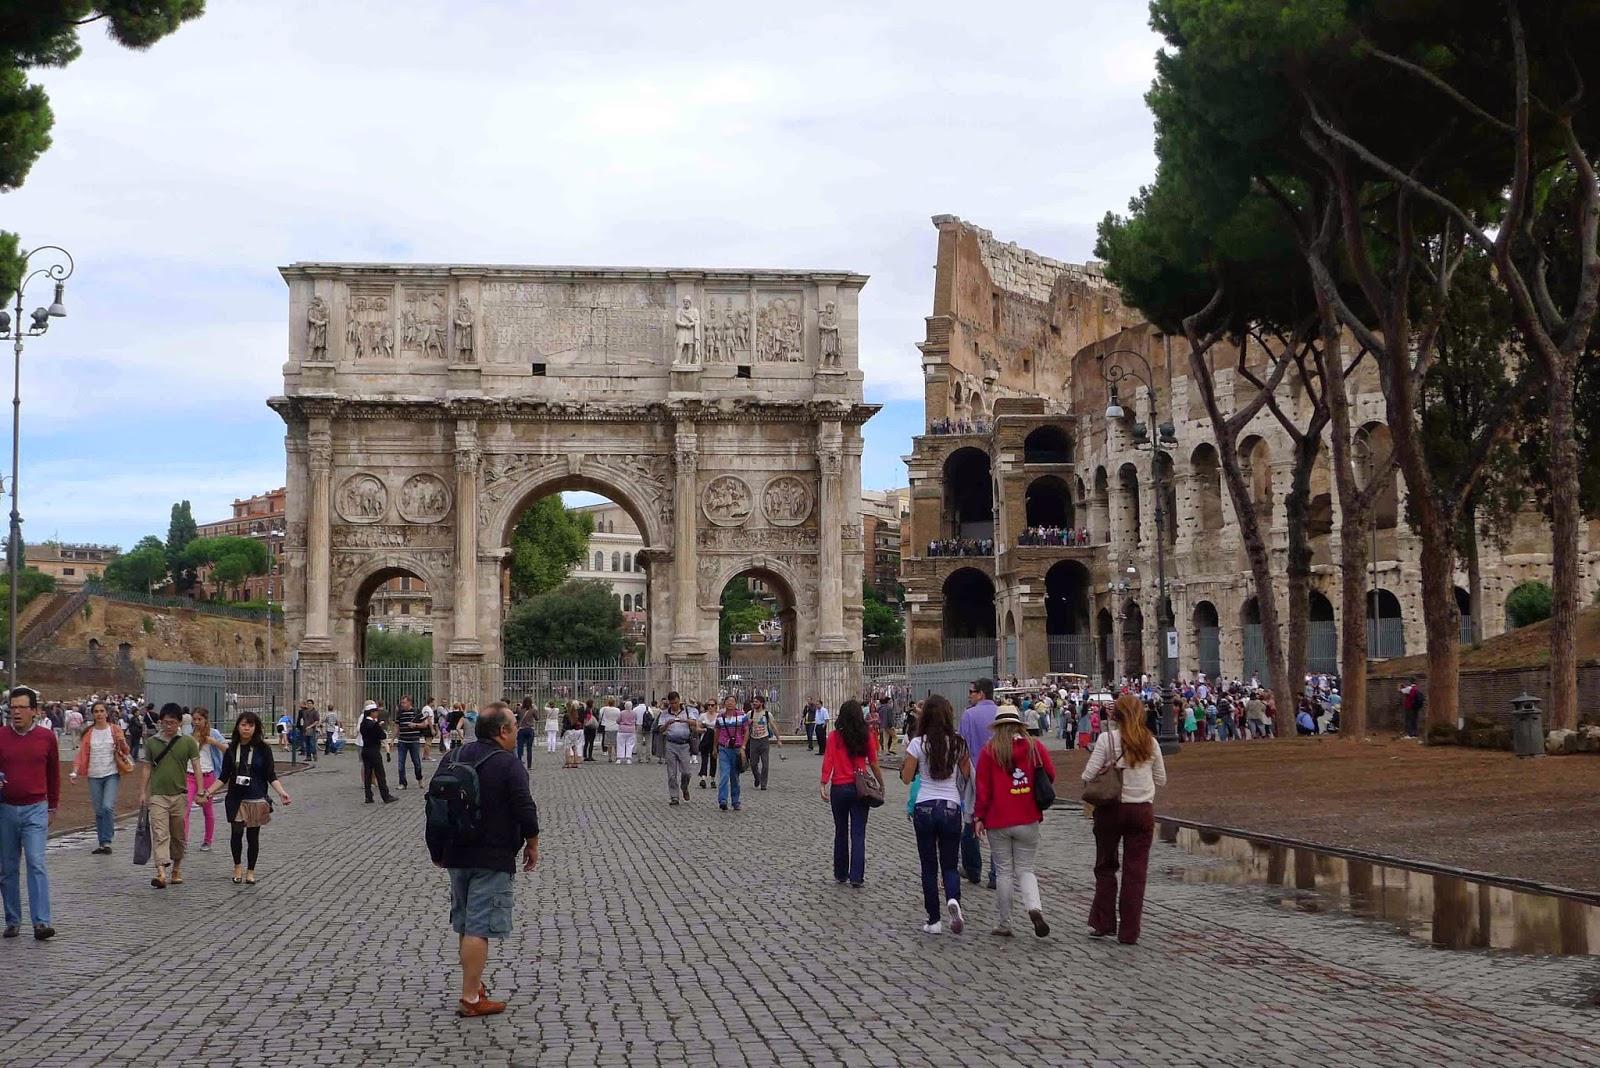 Constantine's Arc